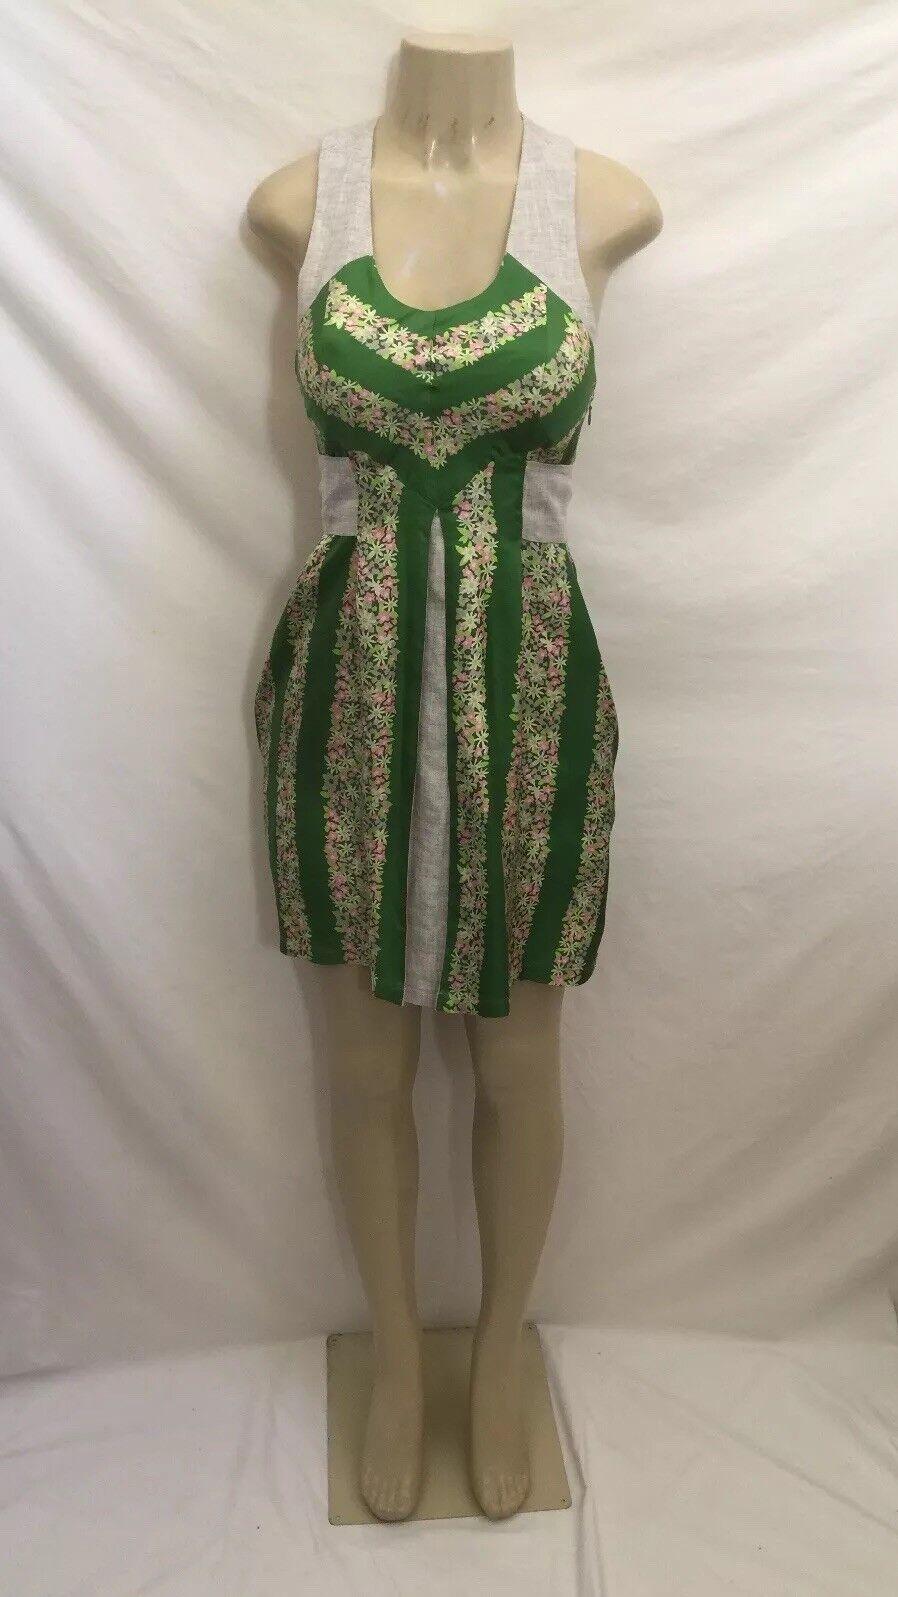 Anthropologie Lauren Moffatt Größe 2 Floral Print 100% Silk Tie Waist Dress